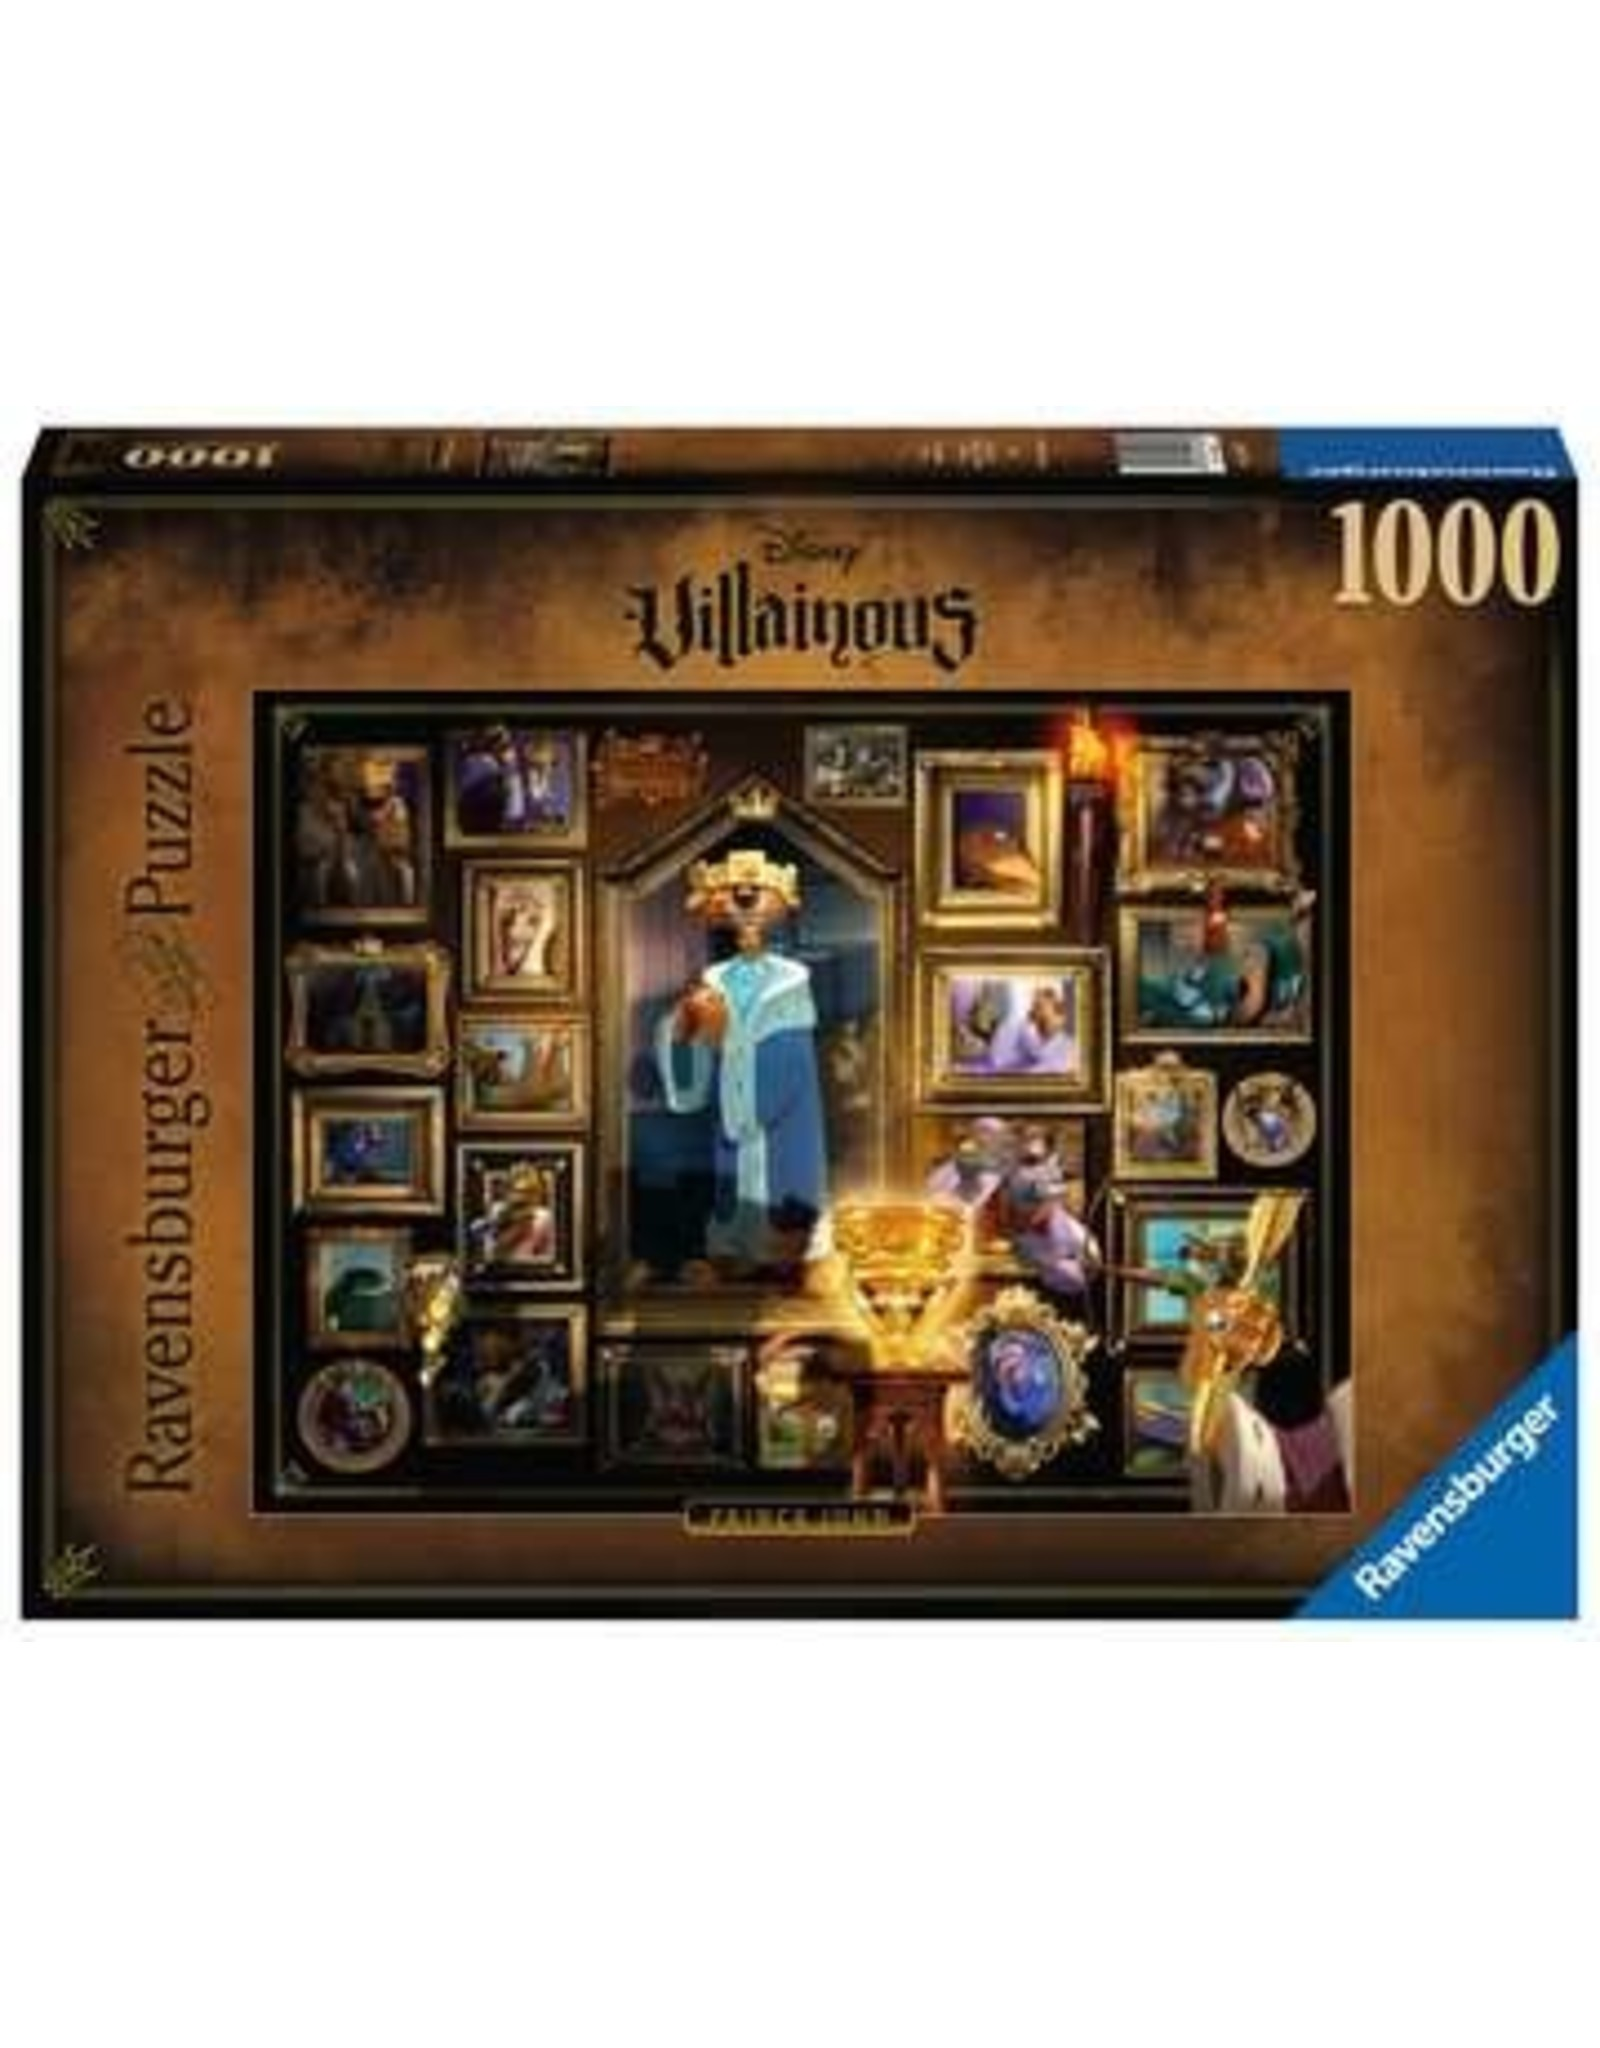 Ravensburger Prince John Villainous 1000pc